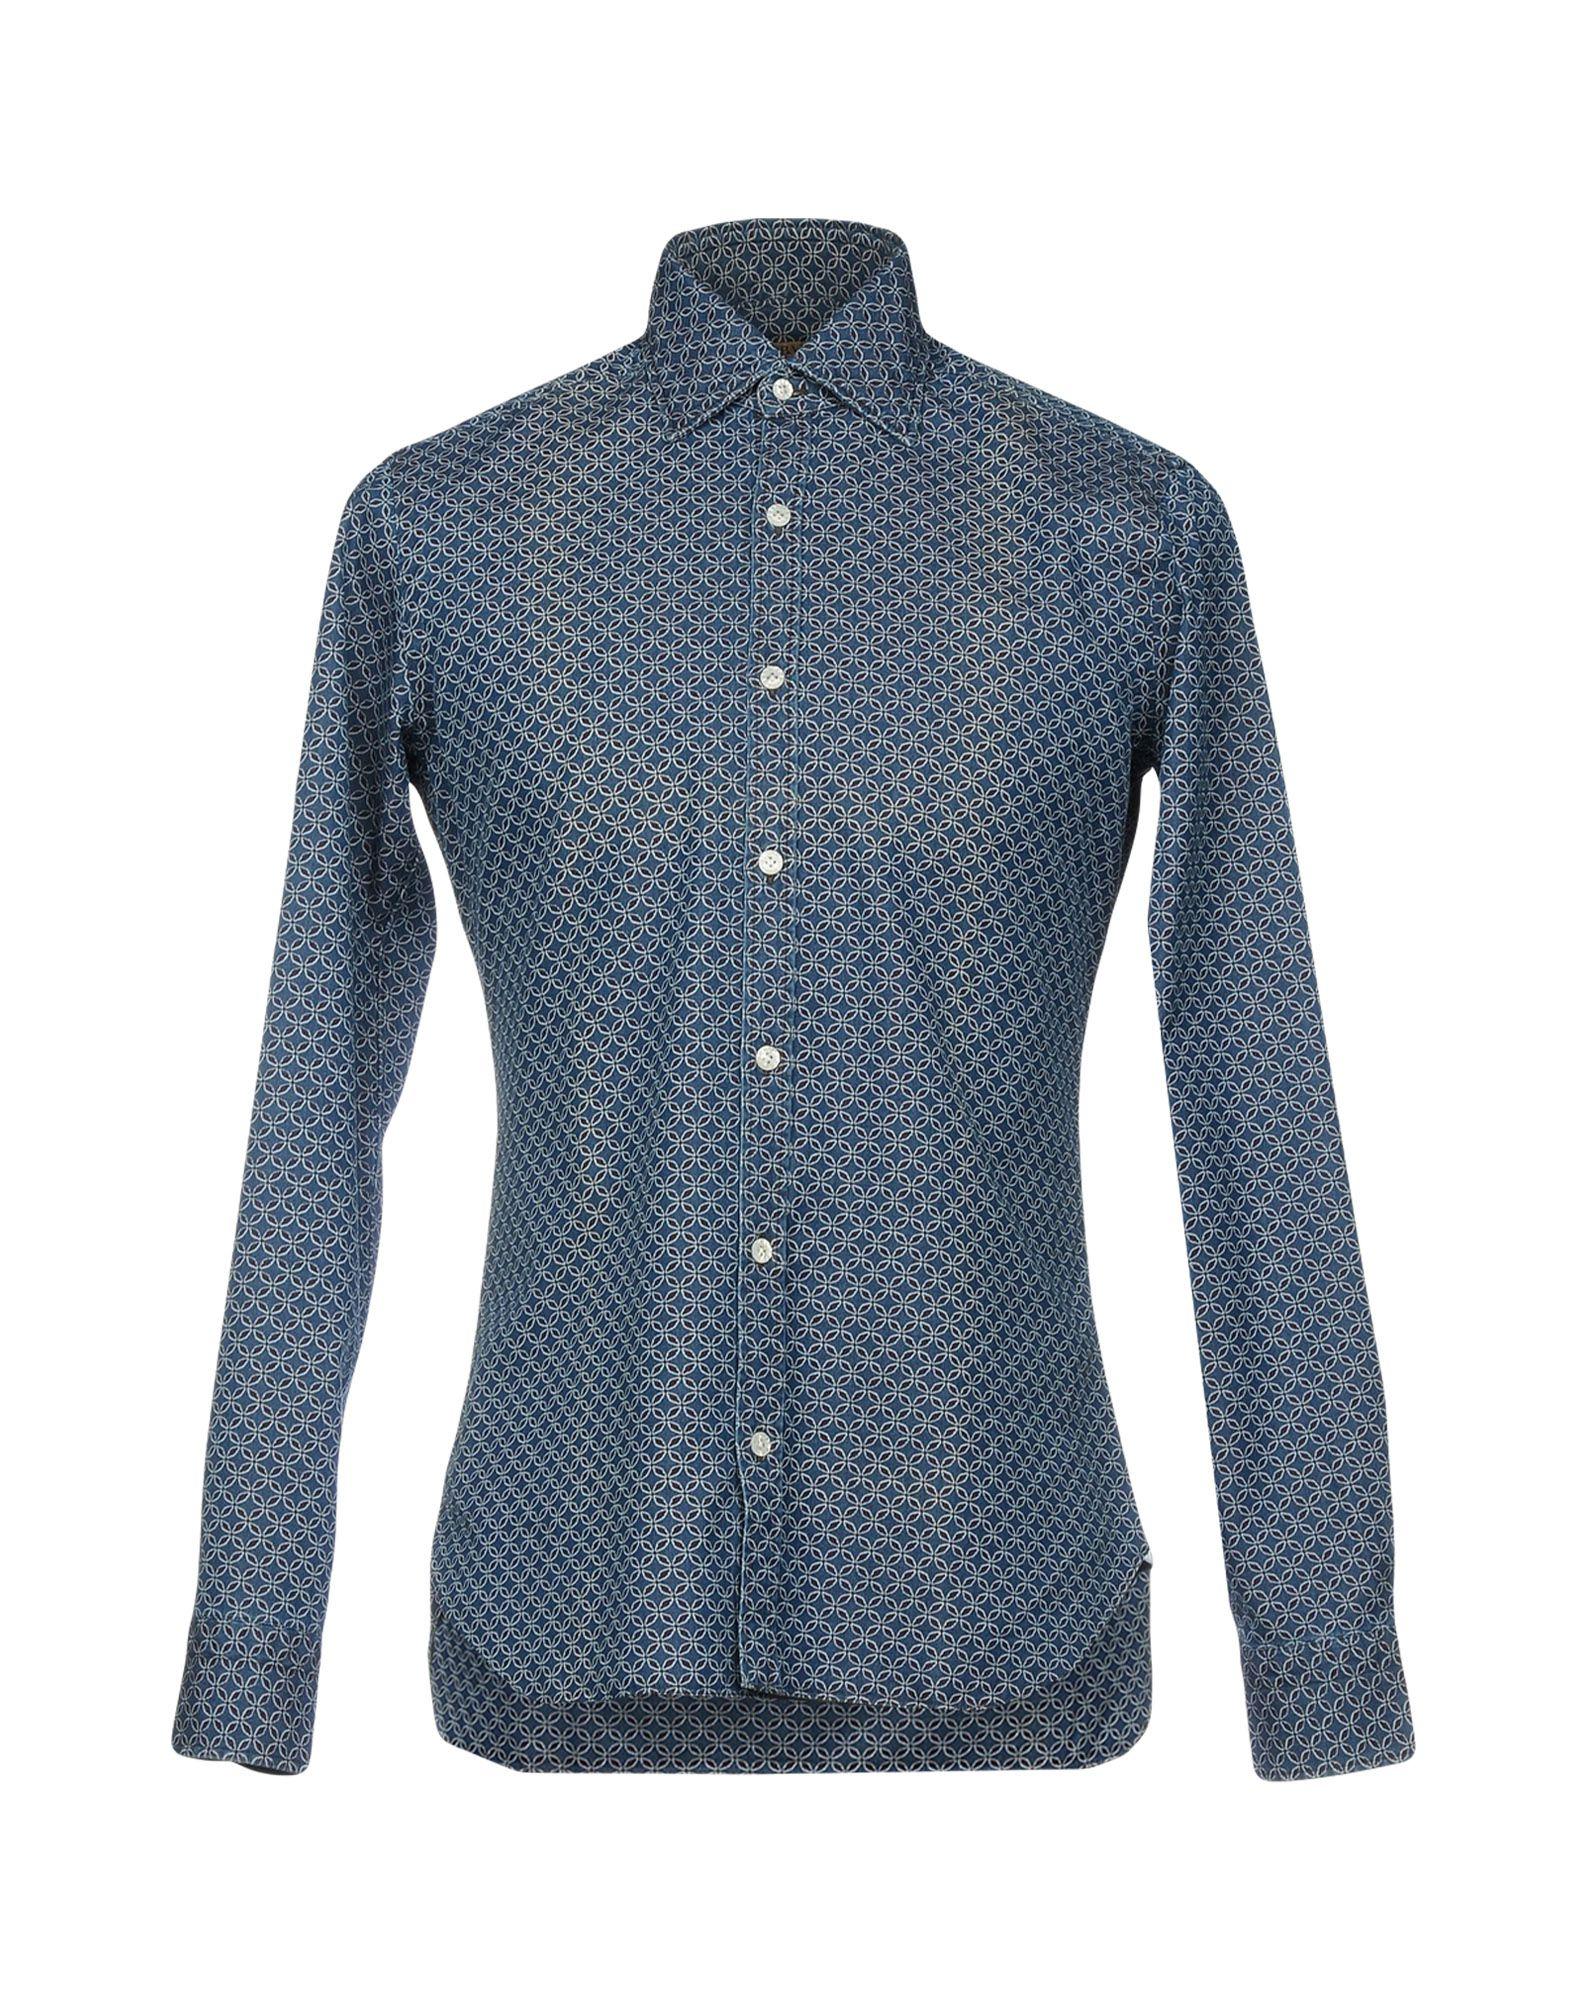 купить DANDYLIFE by BARBA Джинсовая рубашка по цене 13250 рублей